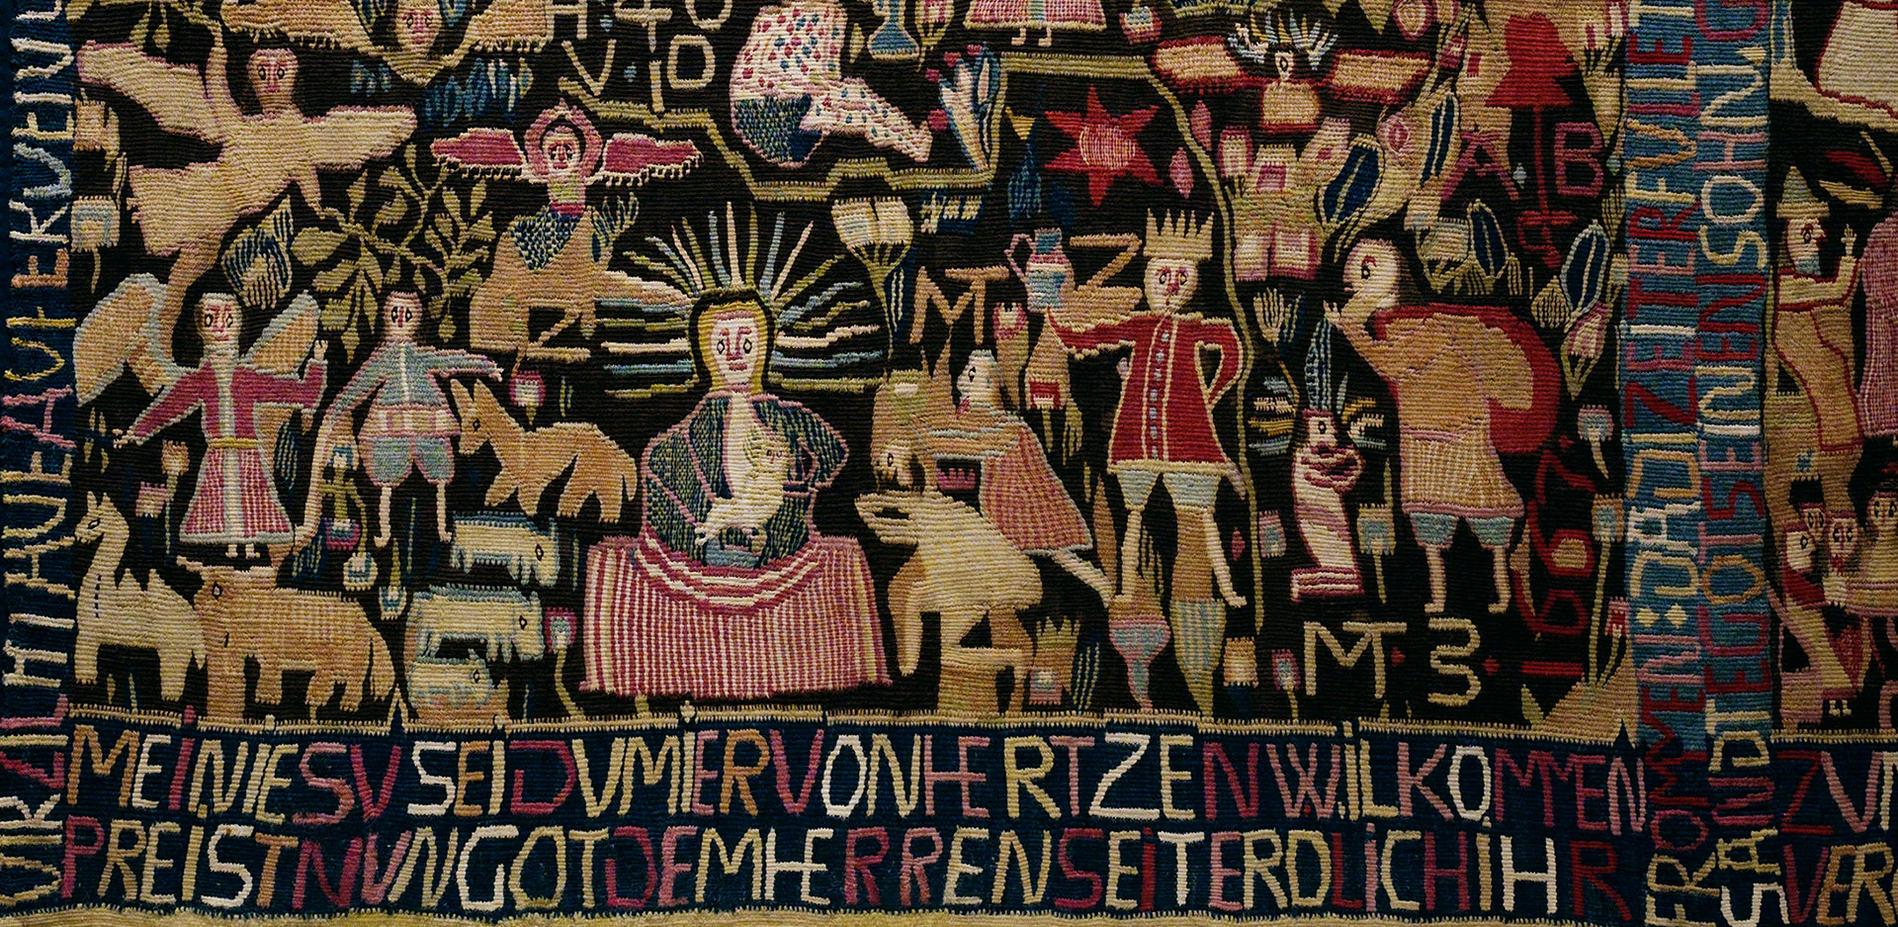 Teppich zum 150. Jahrestag der Reformation (Detail) © Staatliche Museen zu Berlin, Museum Europäischer Kulturen / Ute Franz-Scarciglia